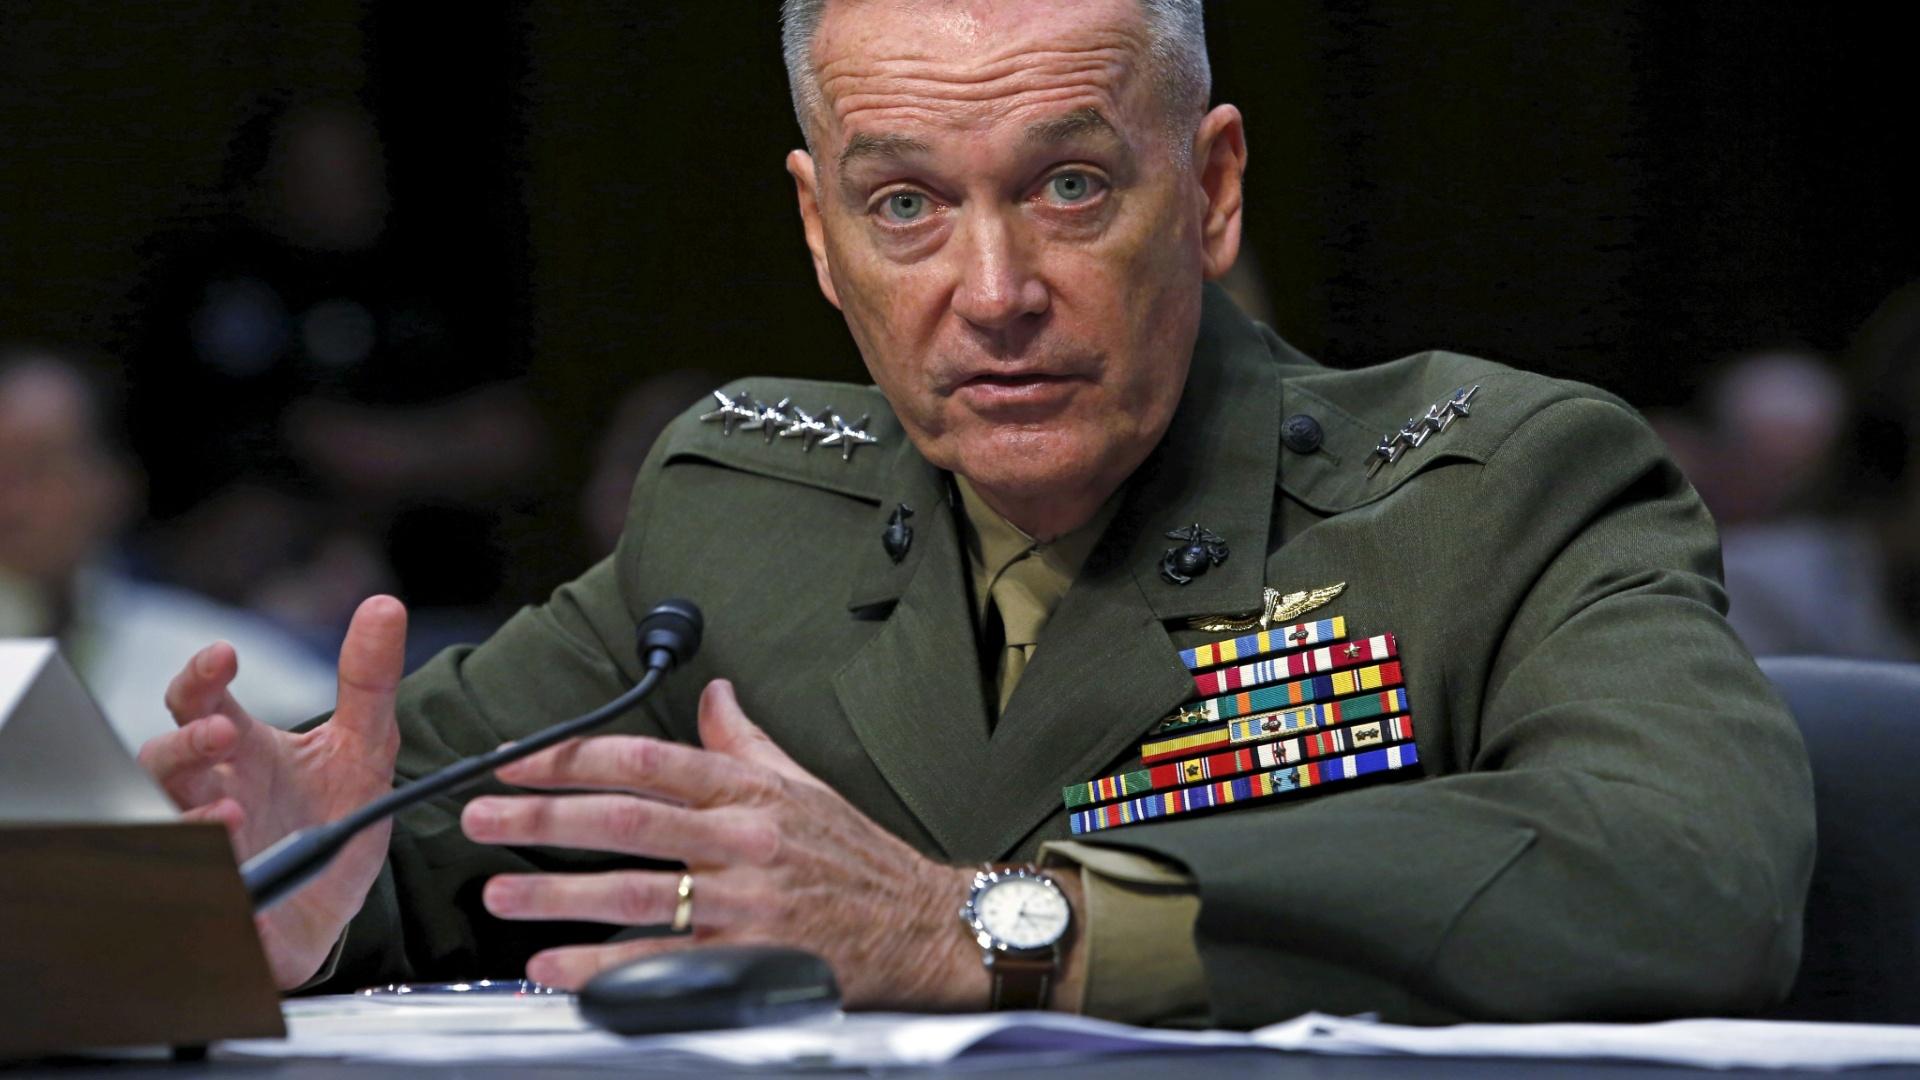 845fbf2fe8 WASHINGTON (Reuters) - A Rússia representa a maior ameaça à segurança  nacional dos Estados Unidos, e seu comportamento é